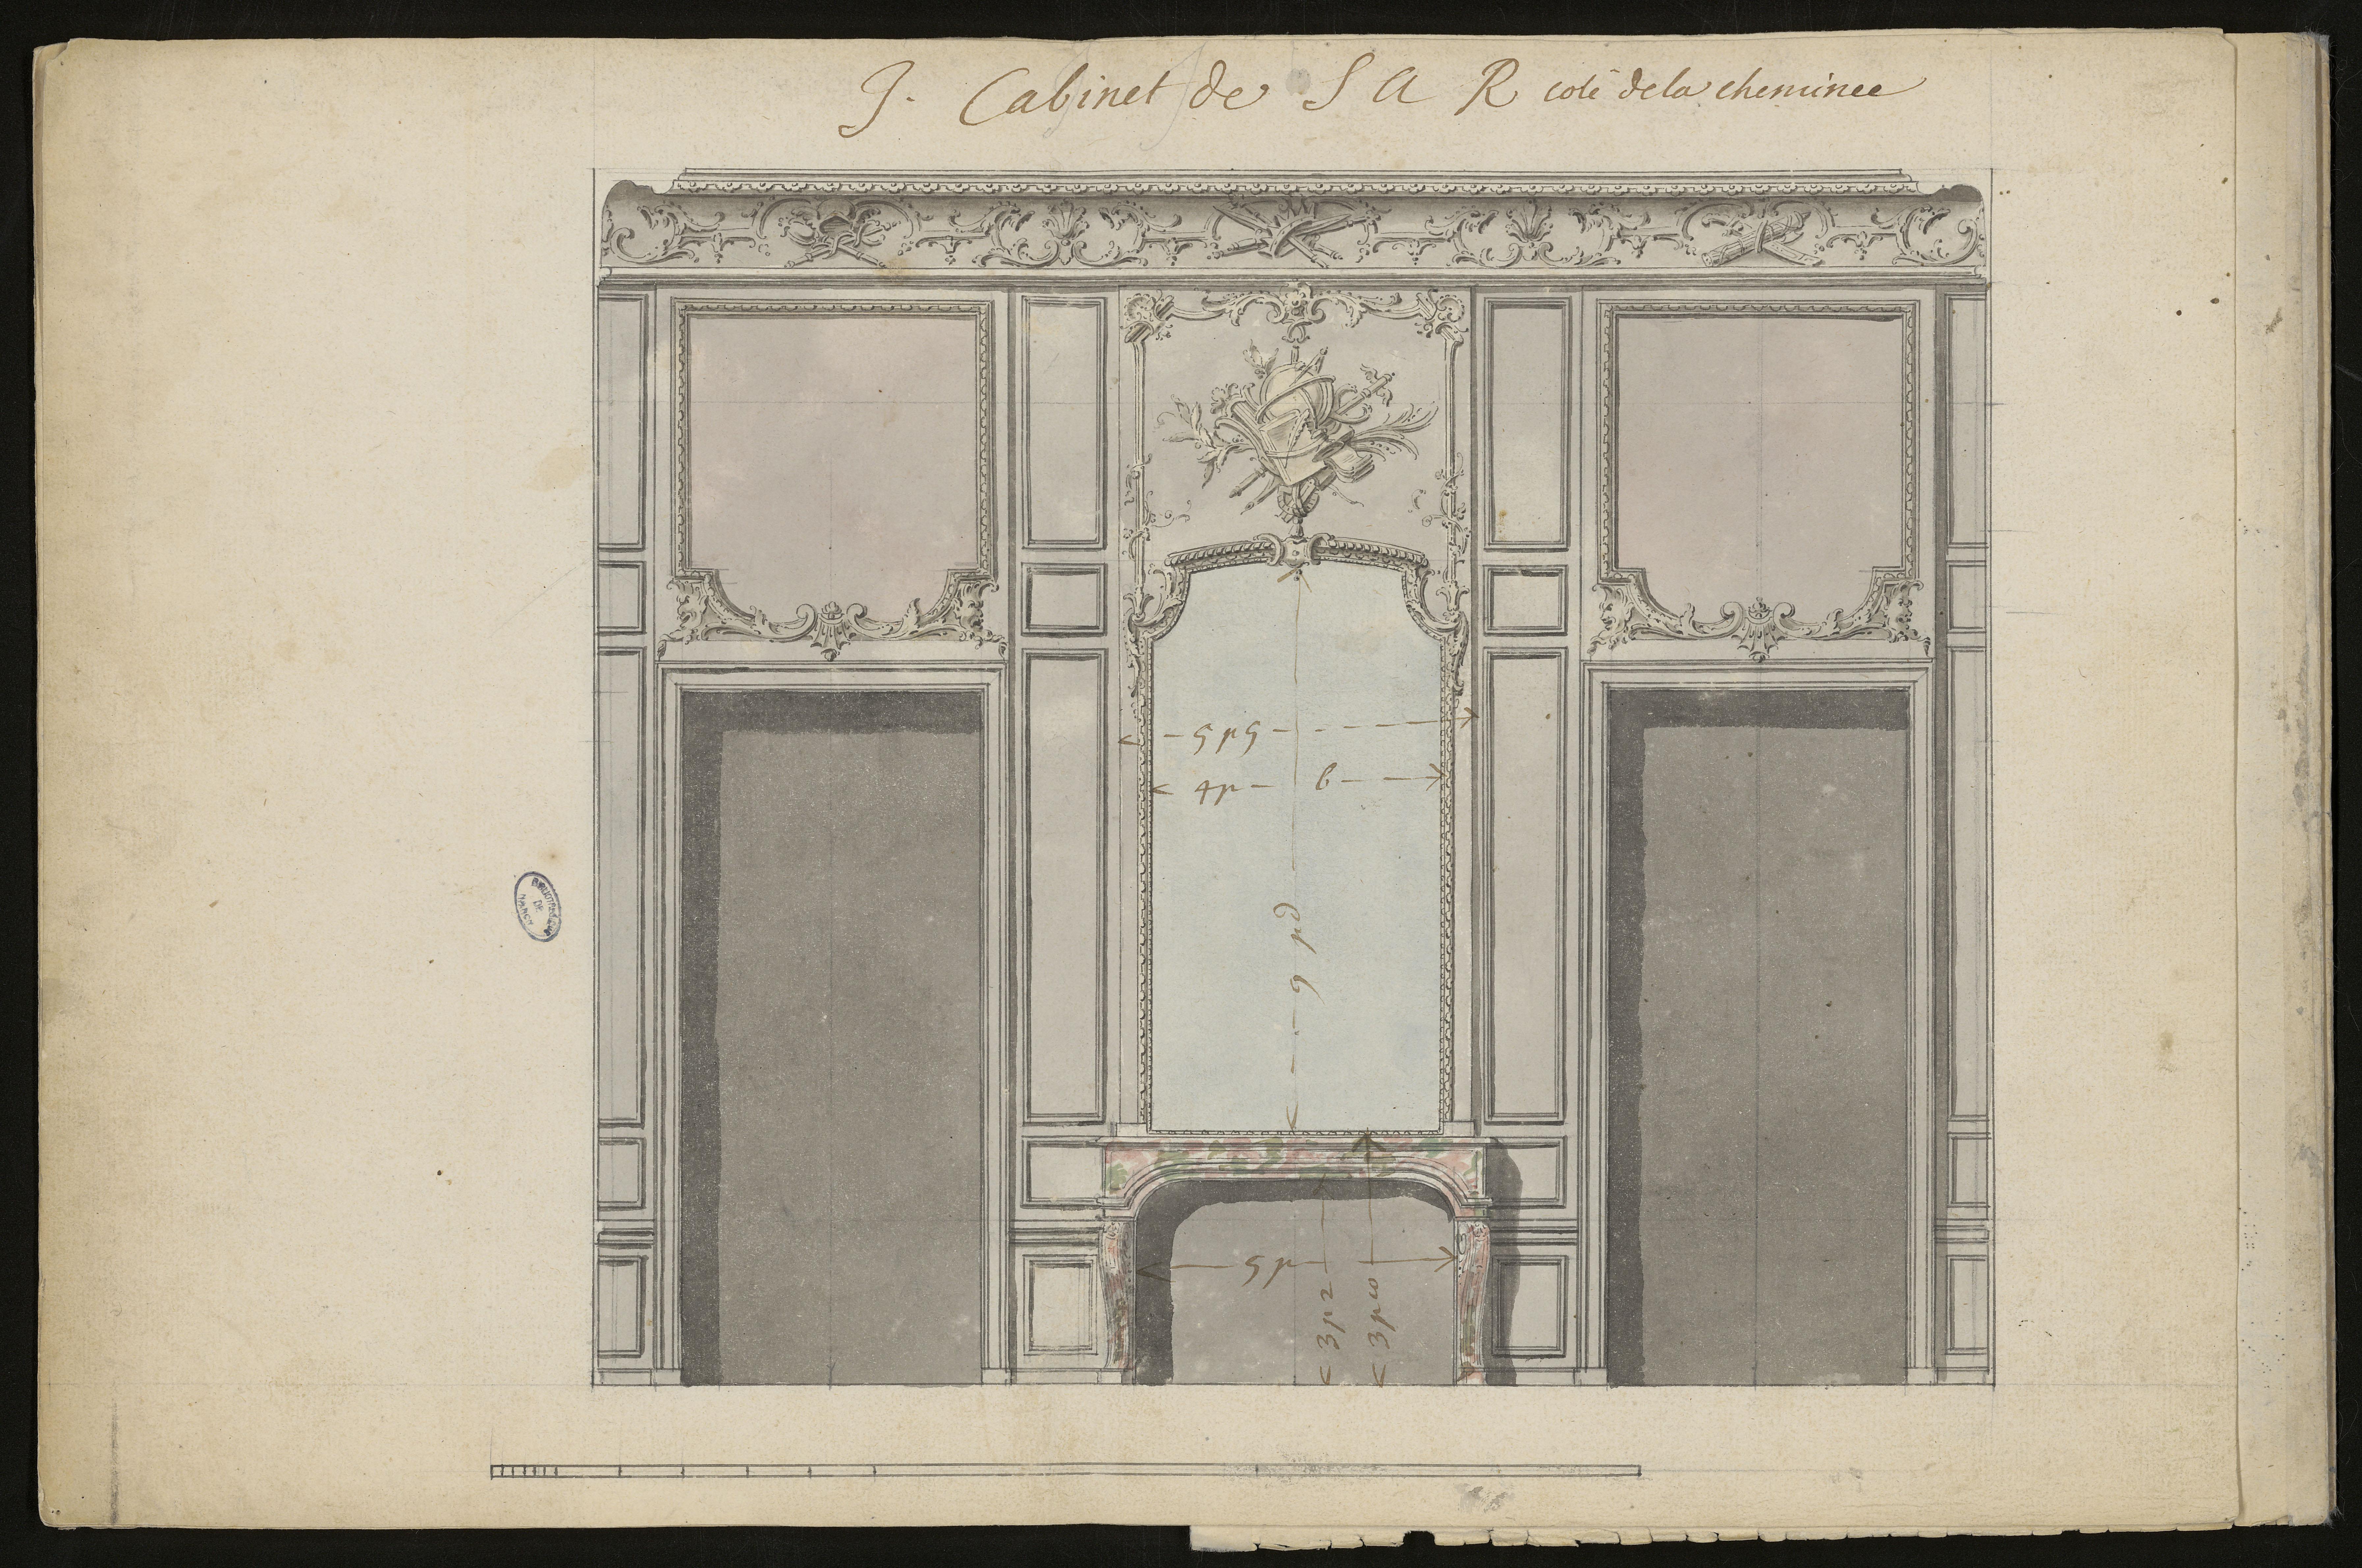 I. Cabinet de S A R coté de la cheminée [Projet de décor pour le cabinet de Léopold], Germain Boffrand